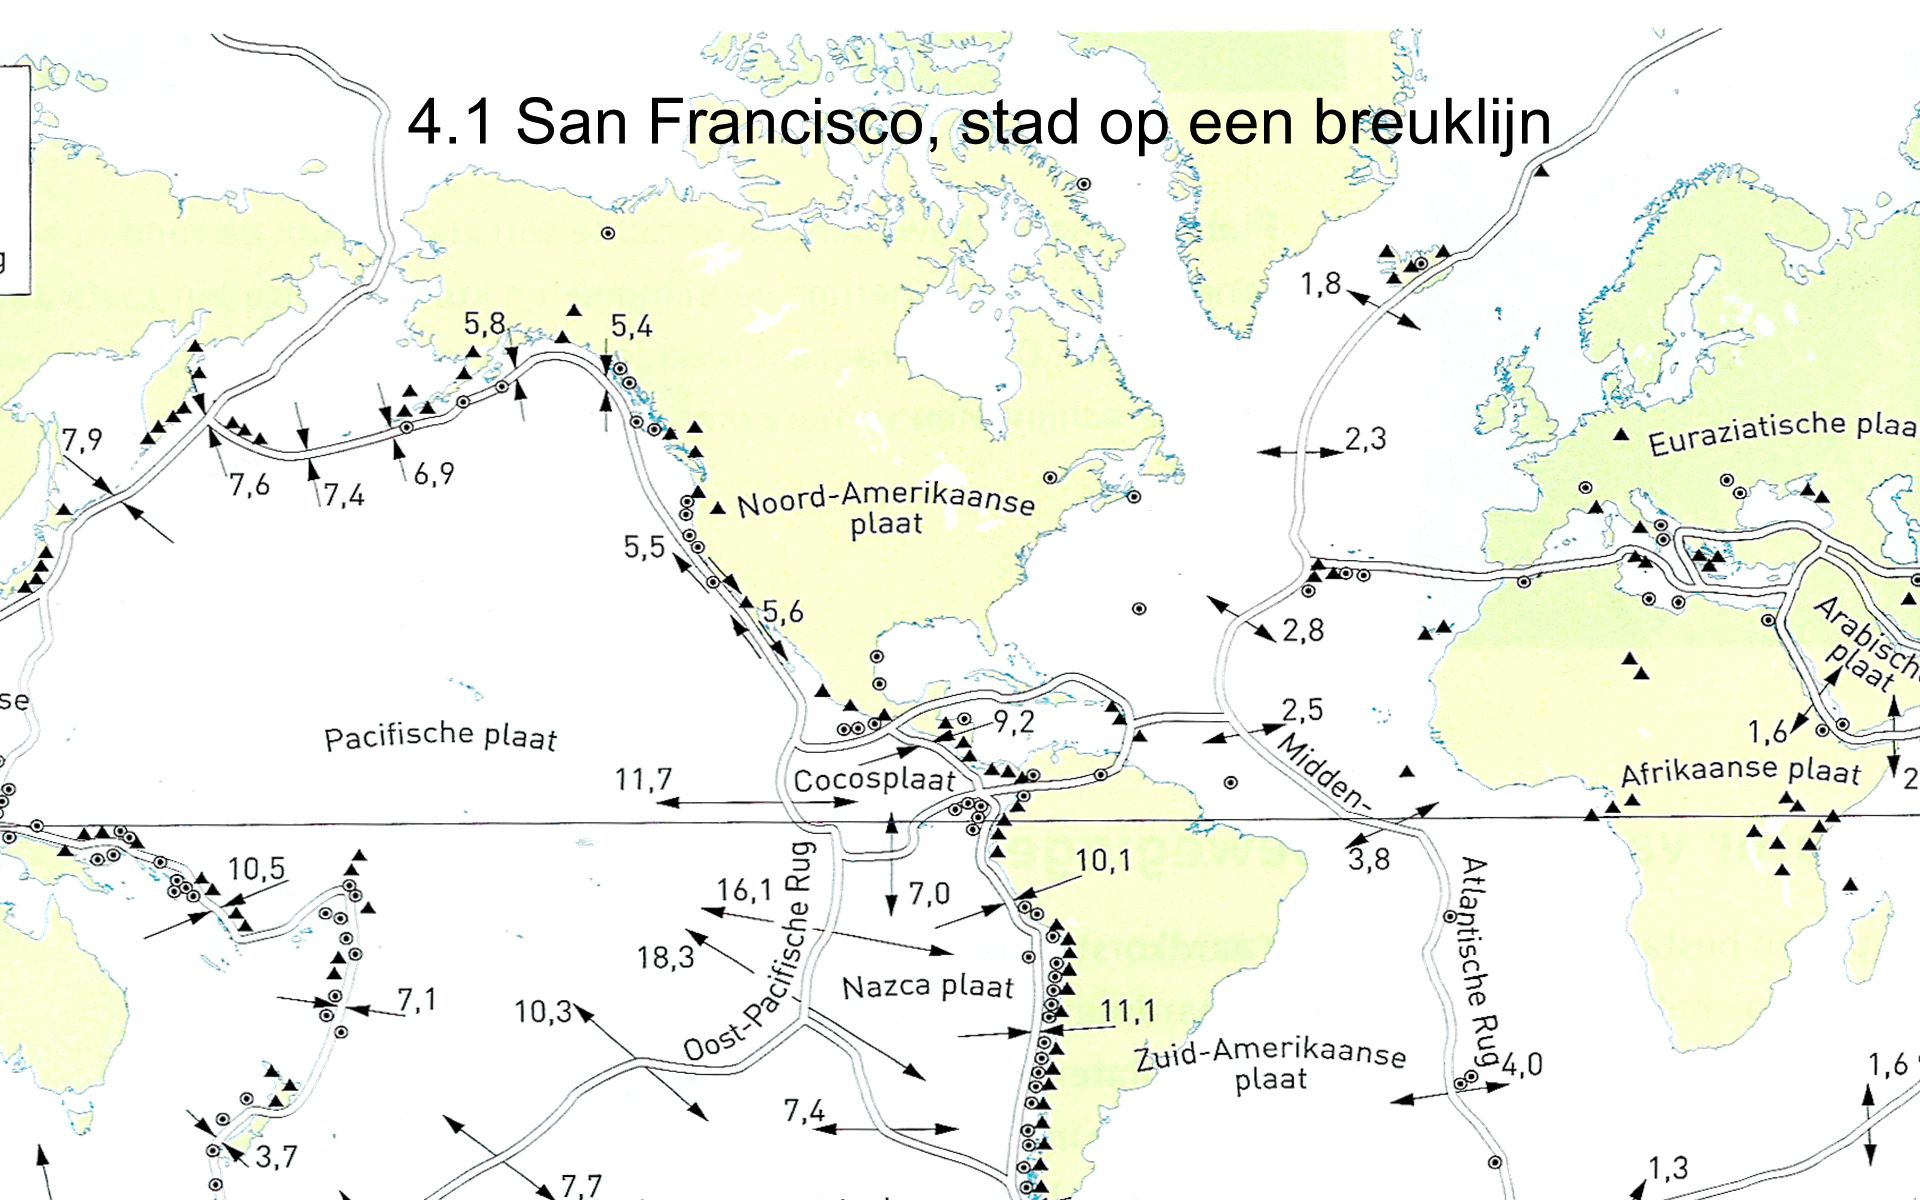 4.1 San Francisco, stad op een breuklijn